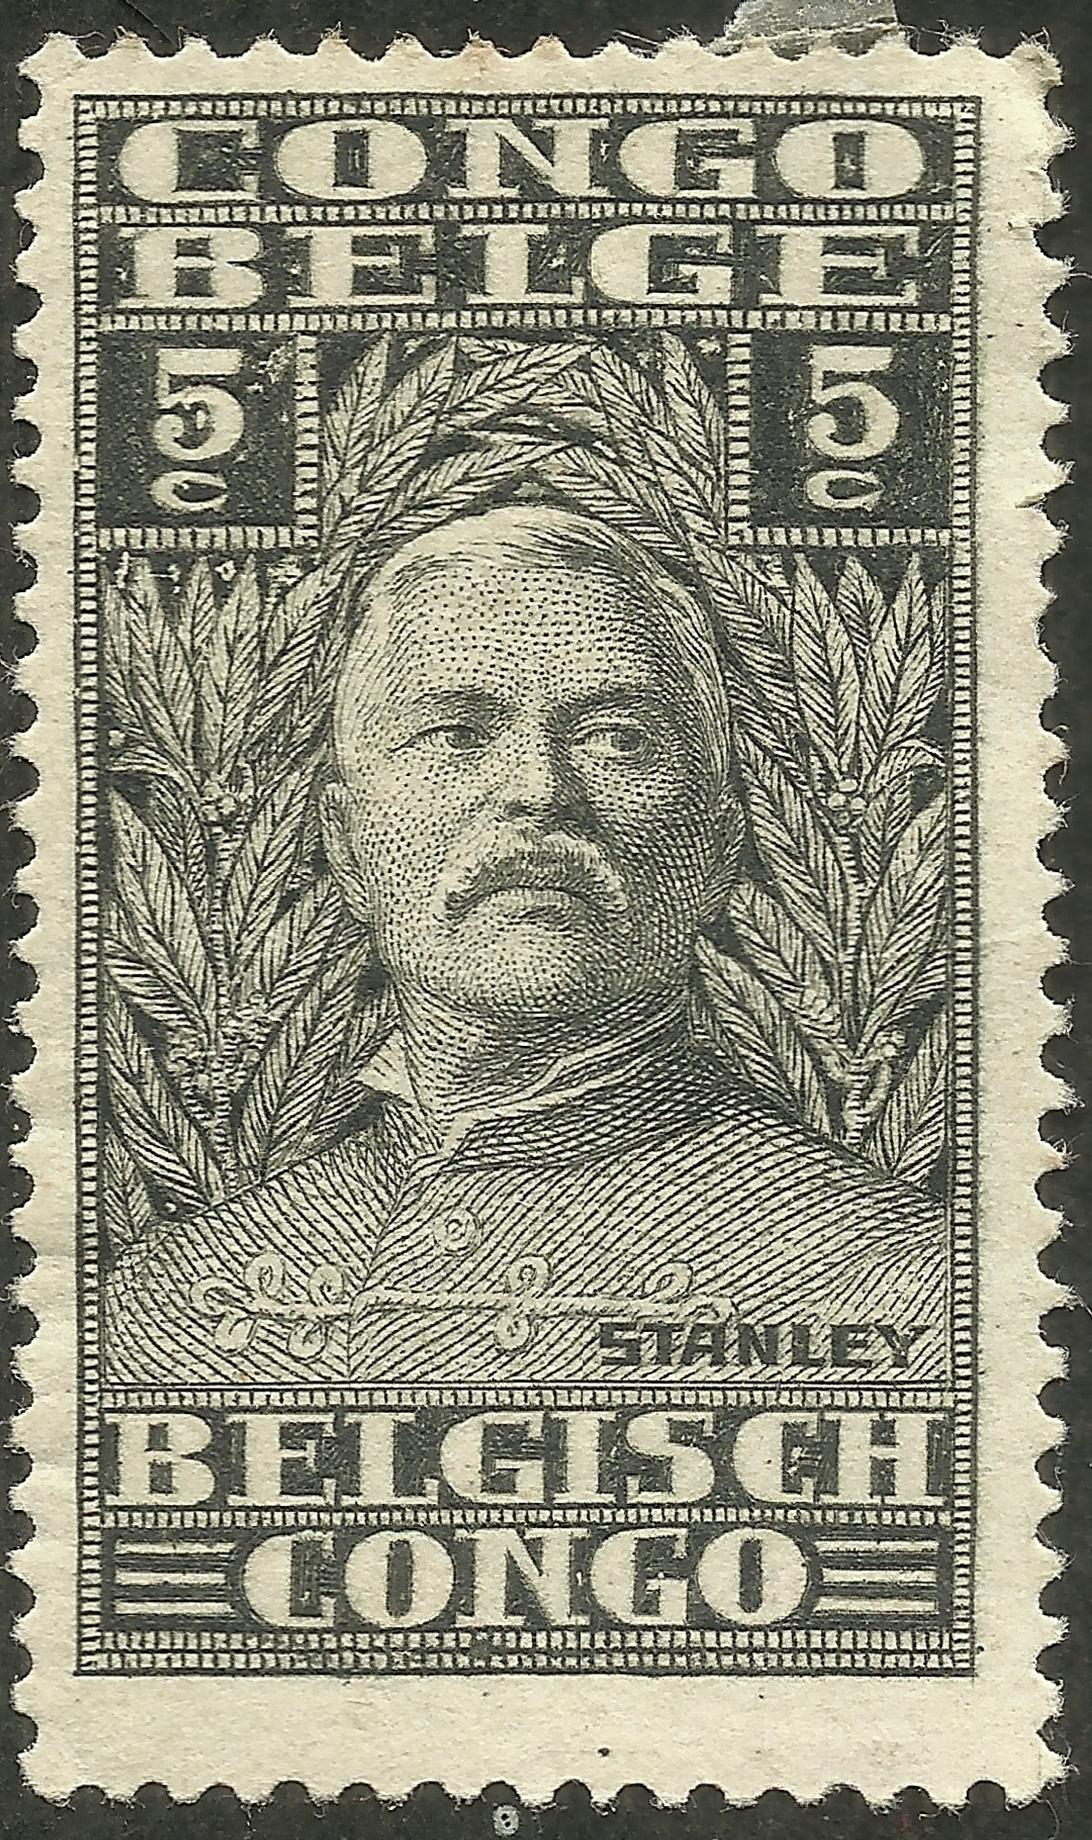 Belgian Congo - Scott #115 (1928)